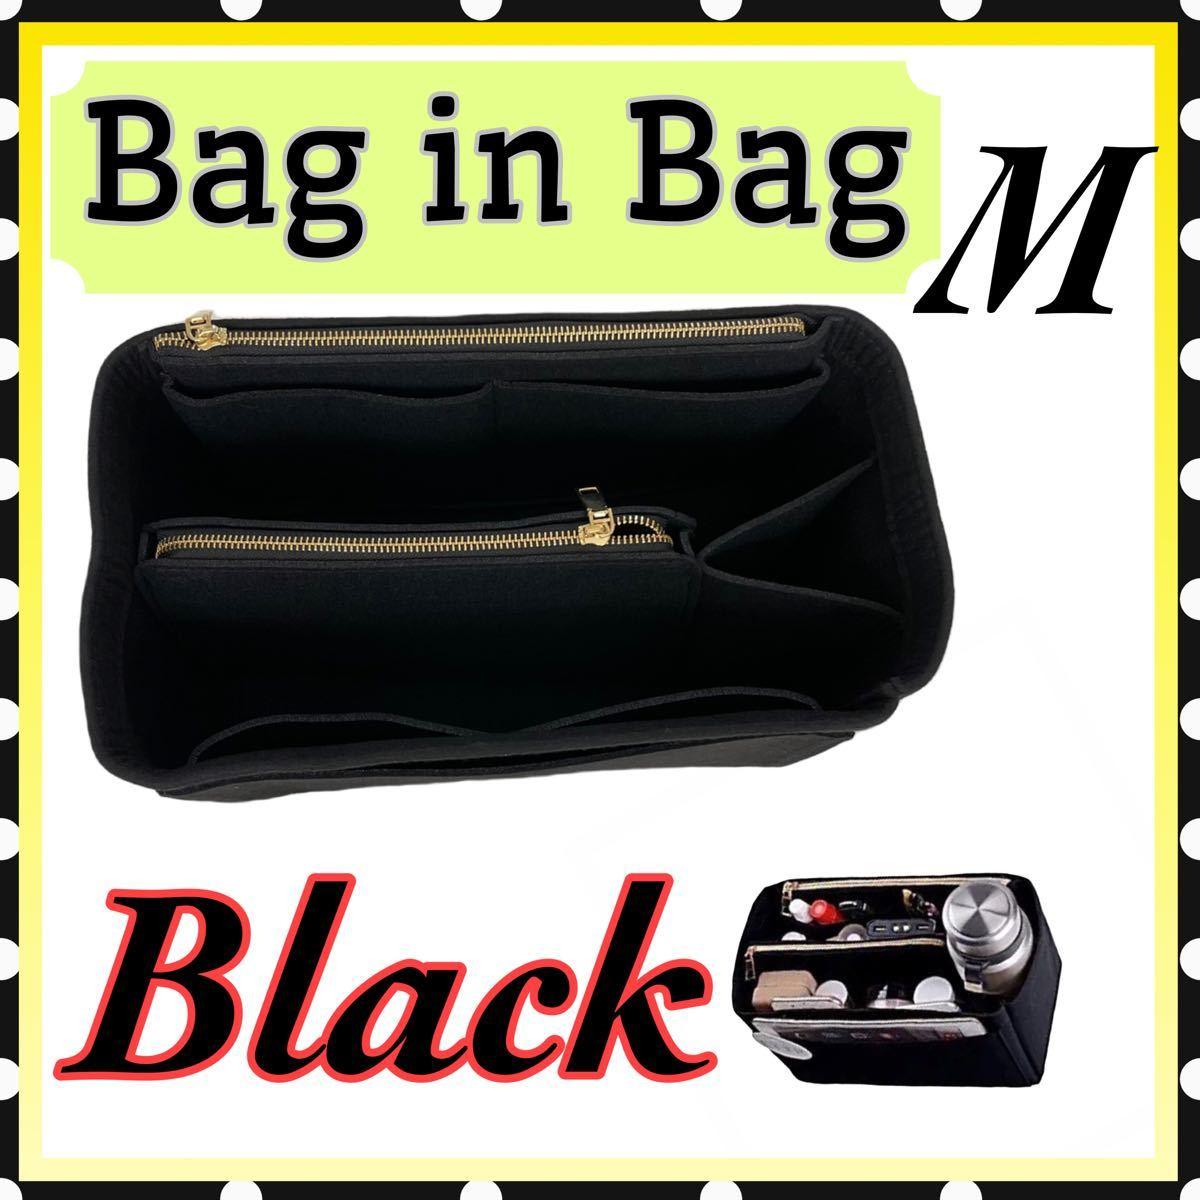 バッグインバッグ バッグ 収納 大容量 軽量 トートバッグ ハンドバッグ ポーチ メイクポーチ 化粧ポーチ 旅行ポーチ